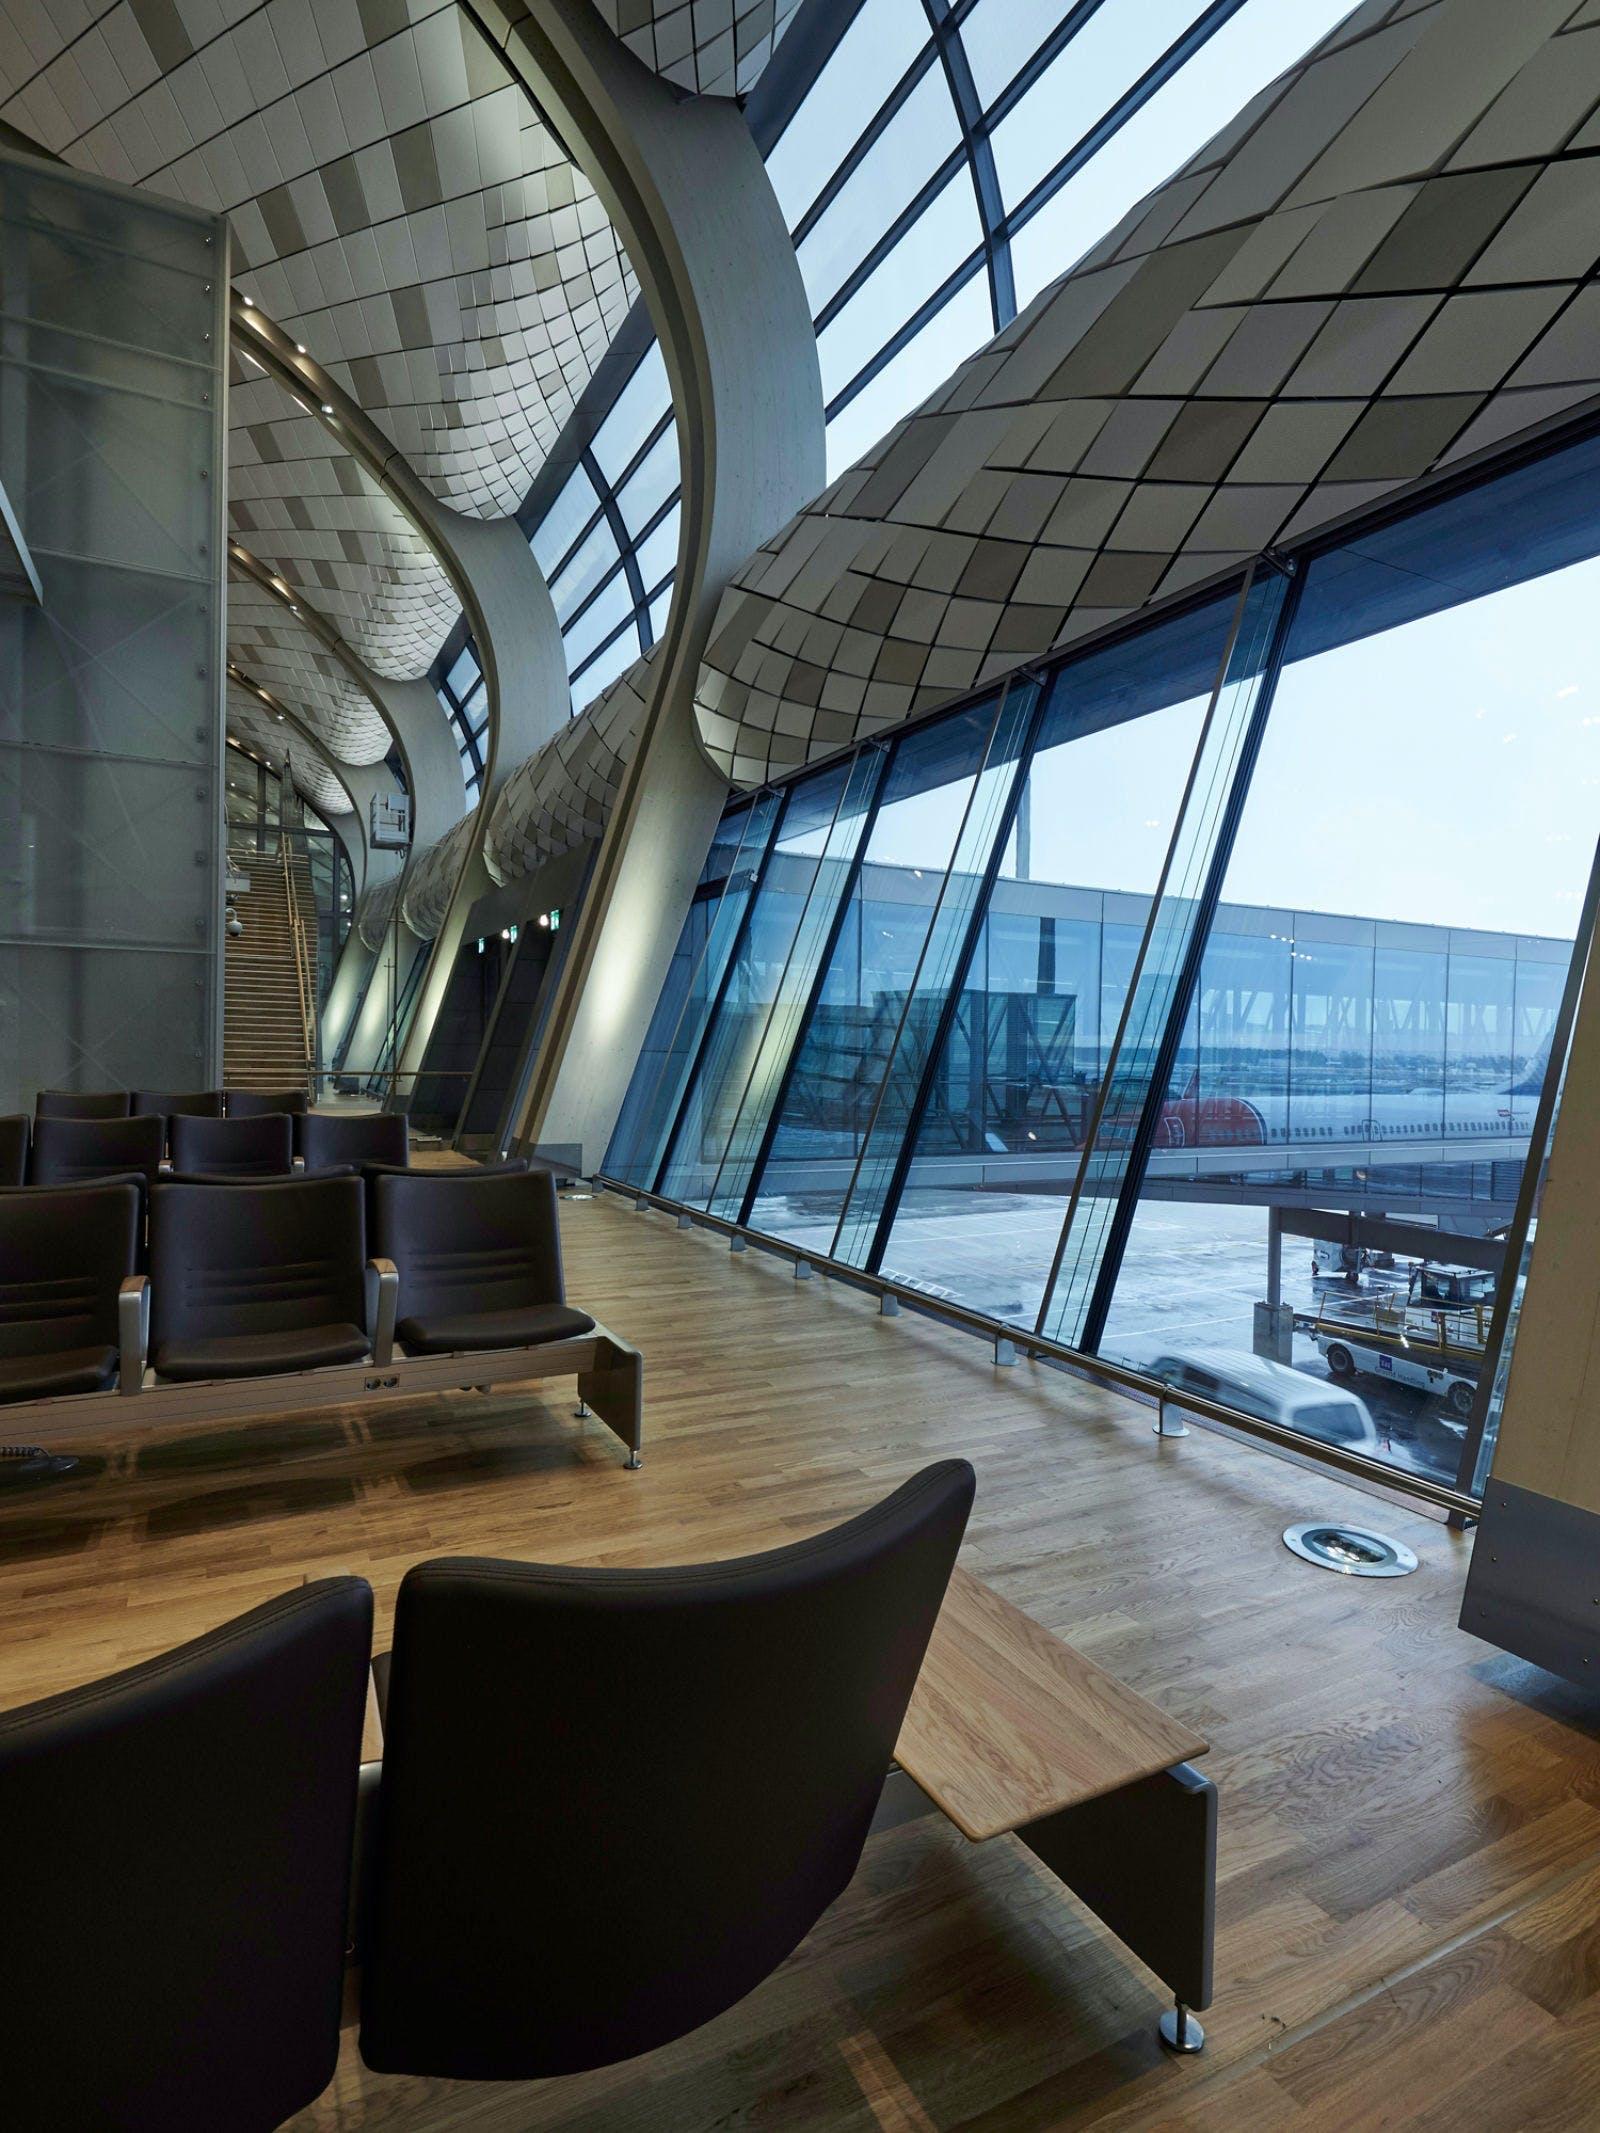 design arkitektur oslo lufthavn udvidelse stole terminal